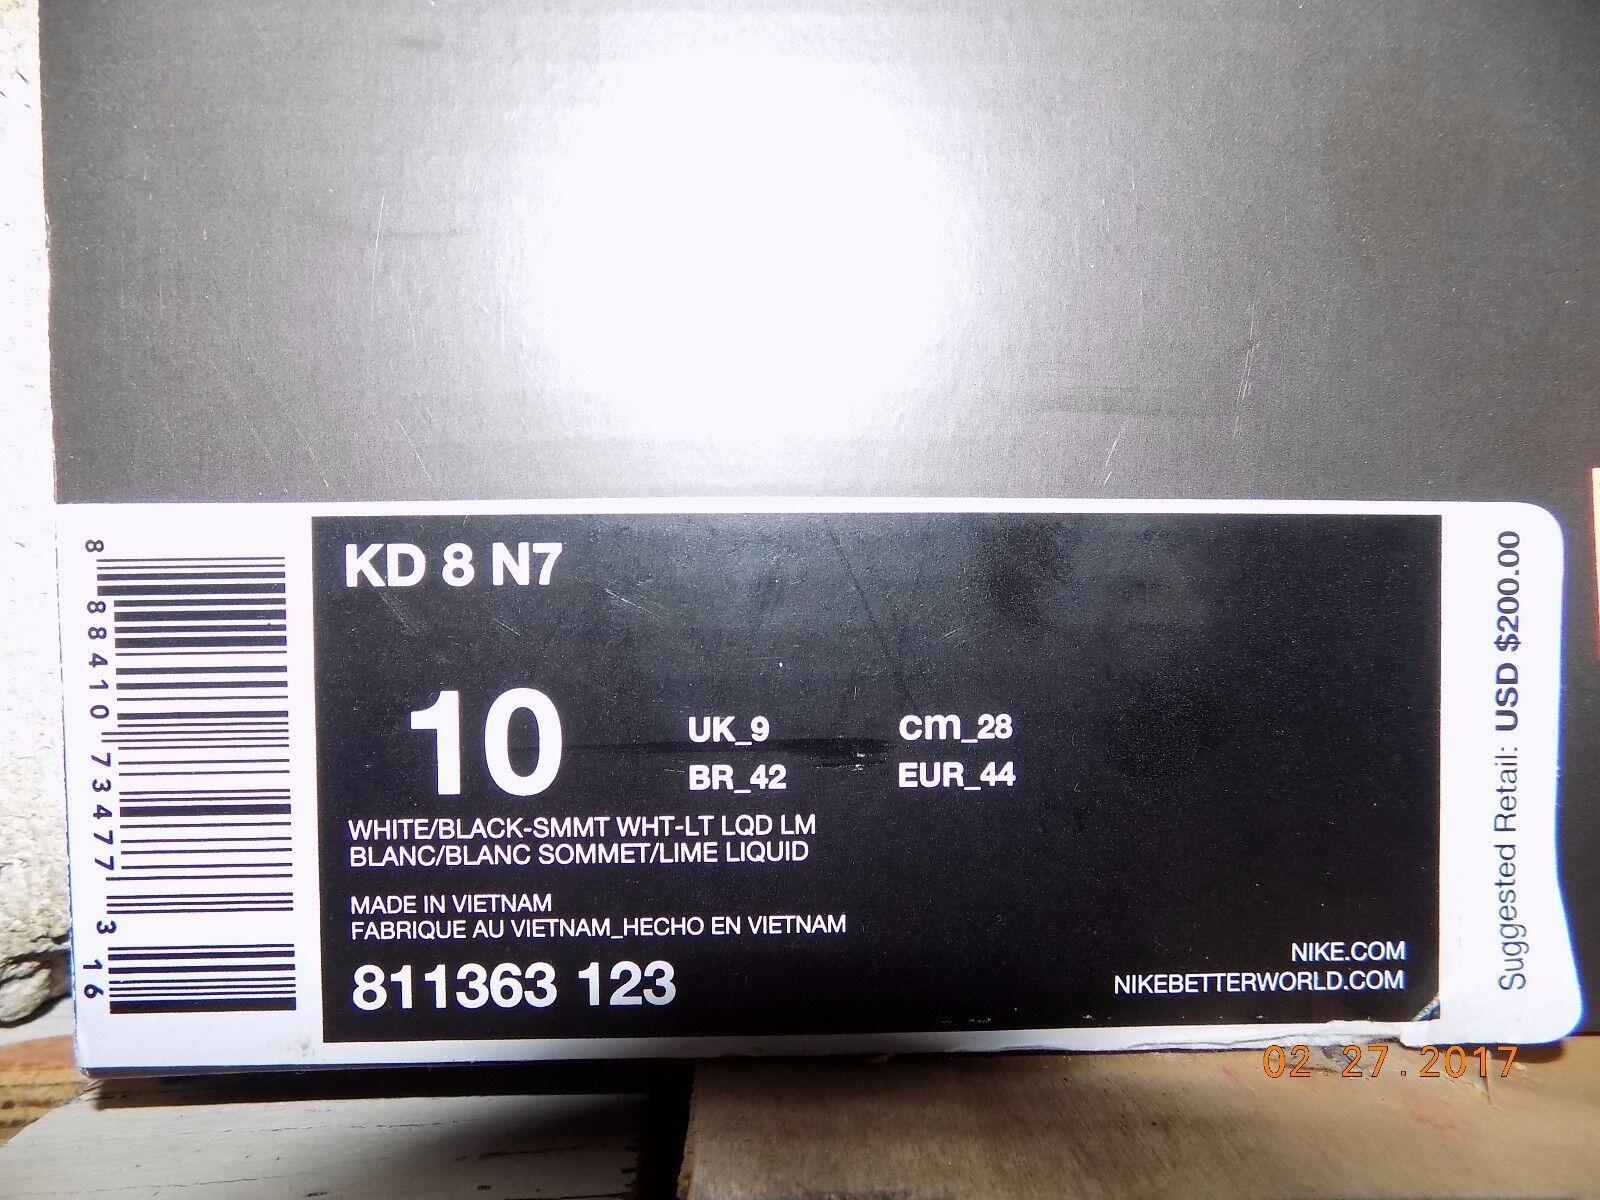 NIKE KD 8 N7 MEN NEW With BOX(no box top)!!